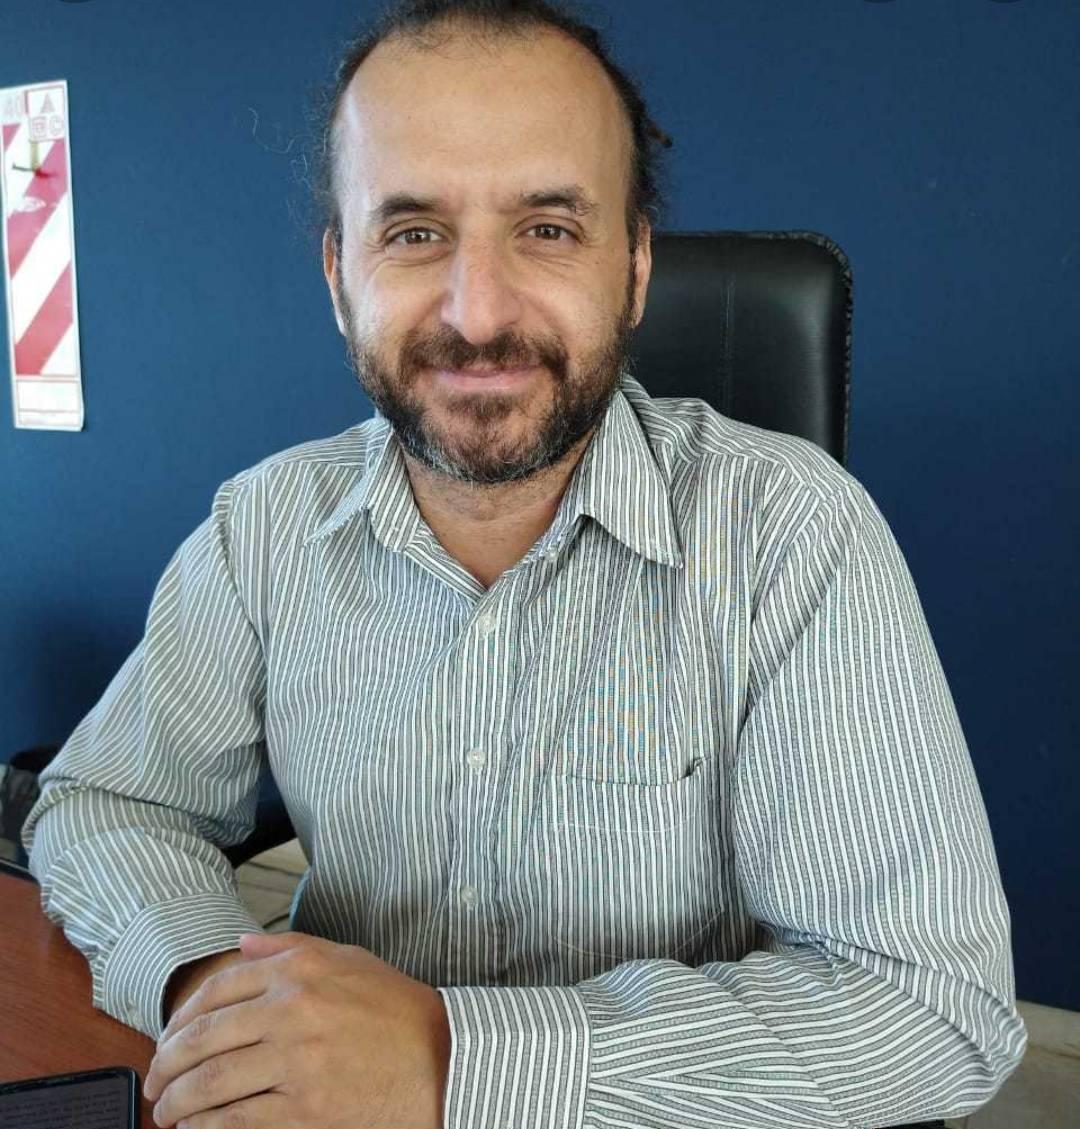 Mariano Cozzolino habló sobre los microcréditos de 50.000 pesos